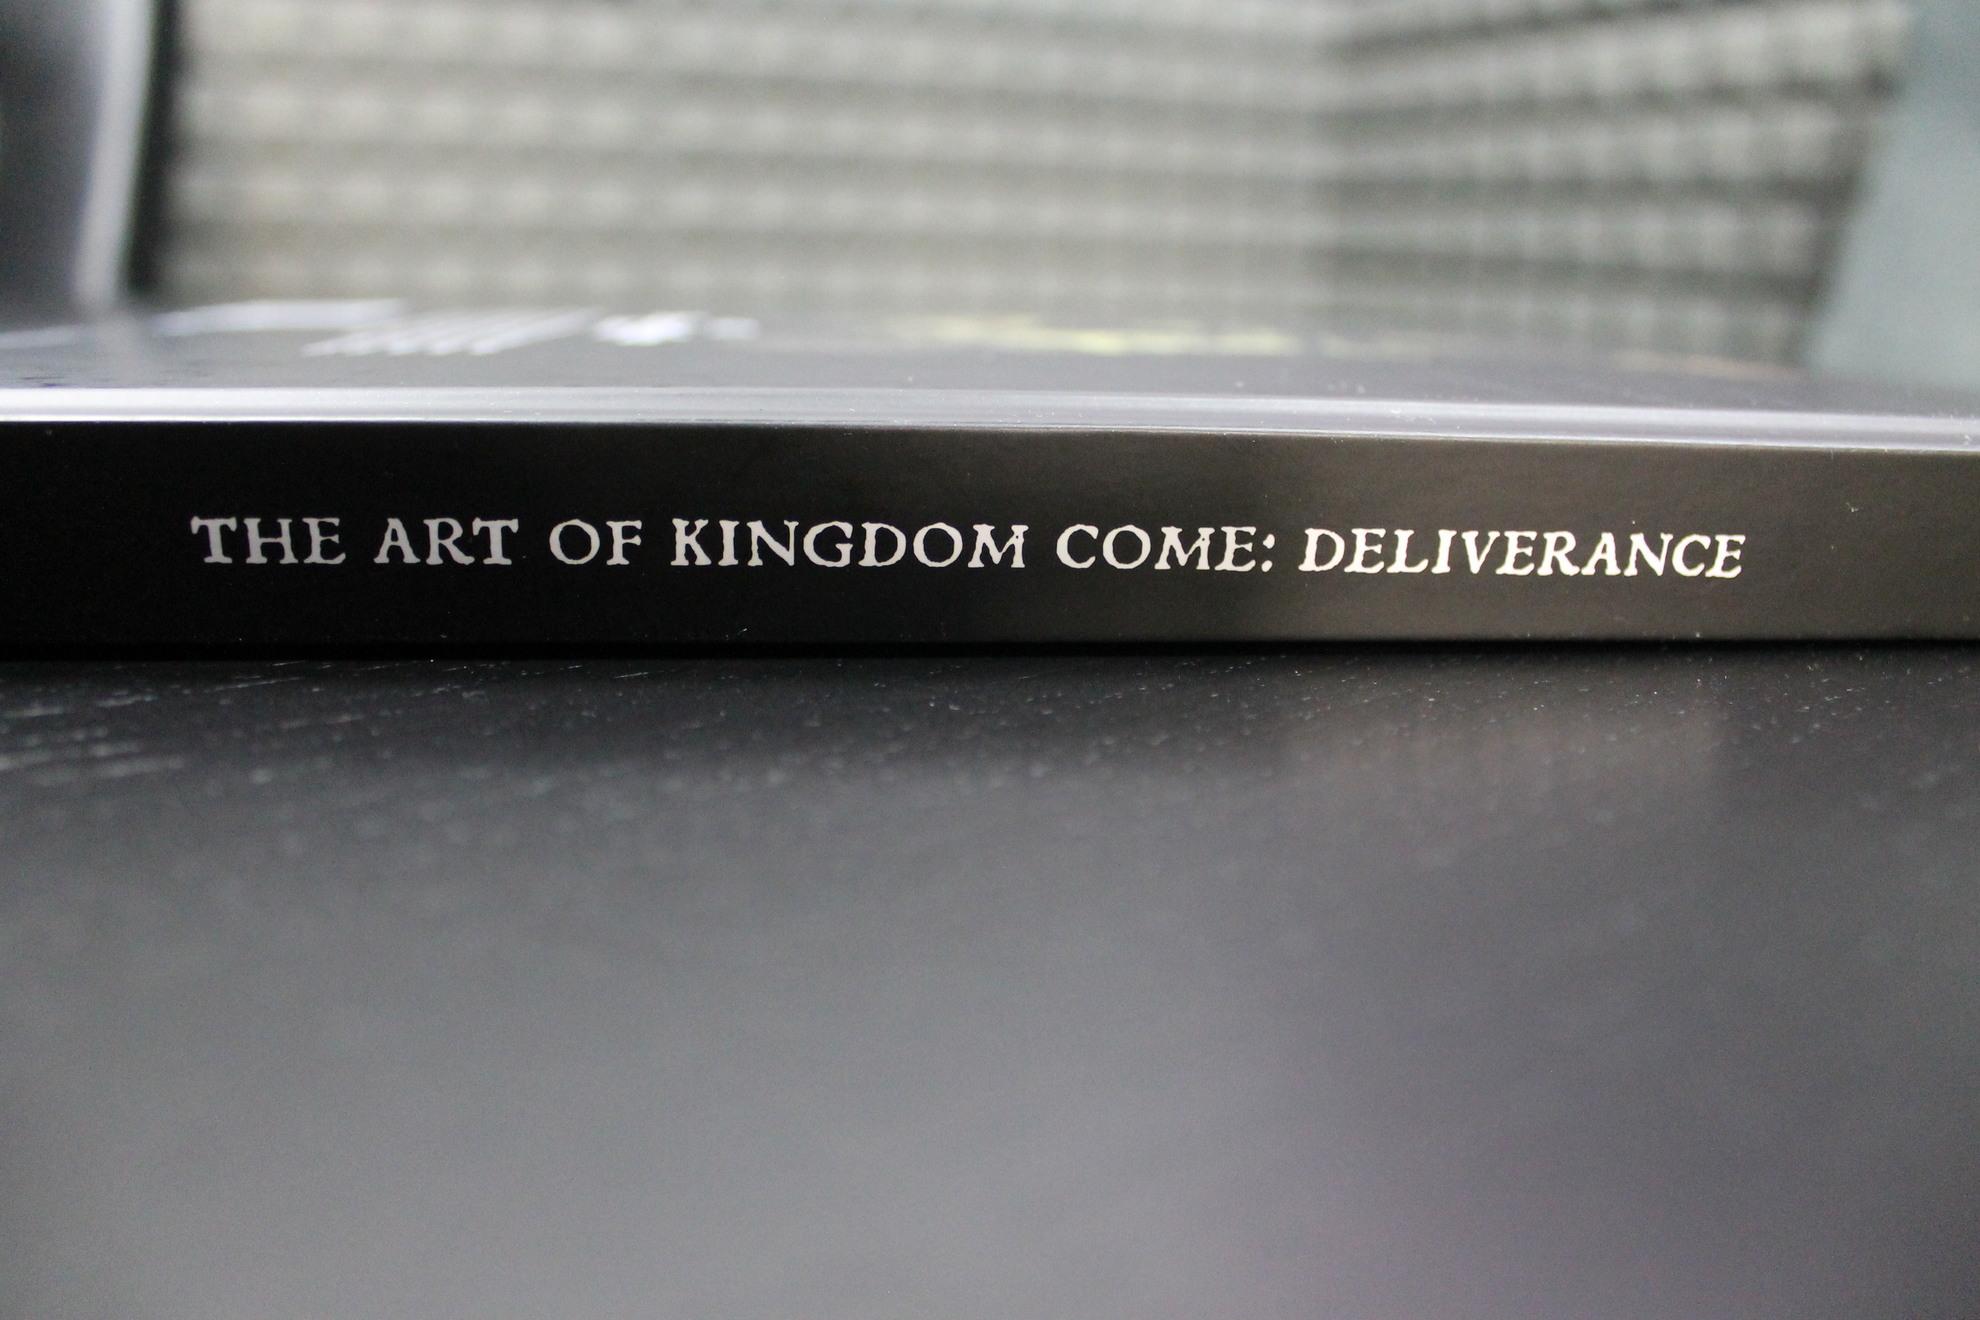 The Art of Kingdom Come Deliverance